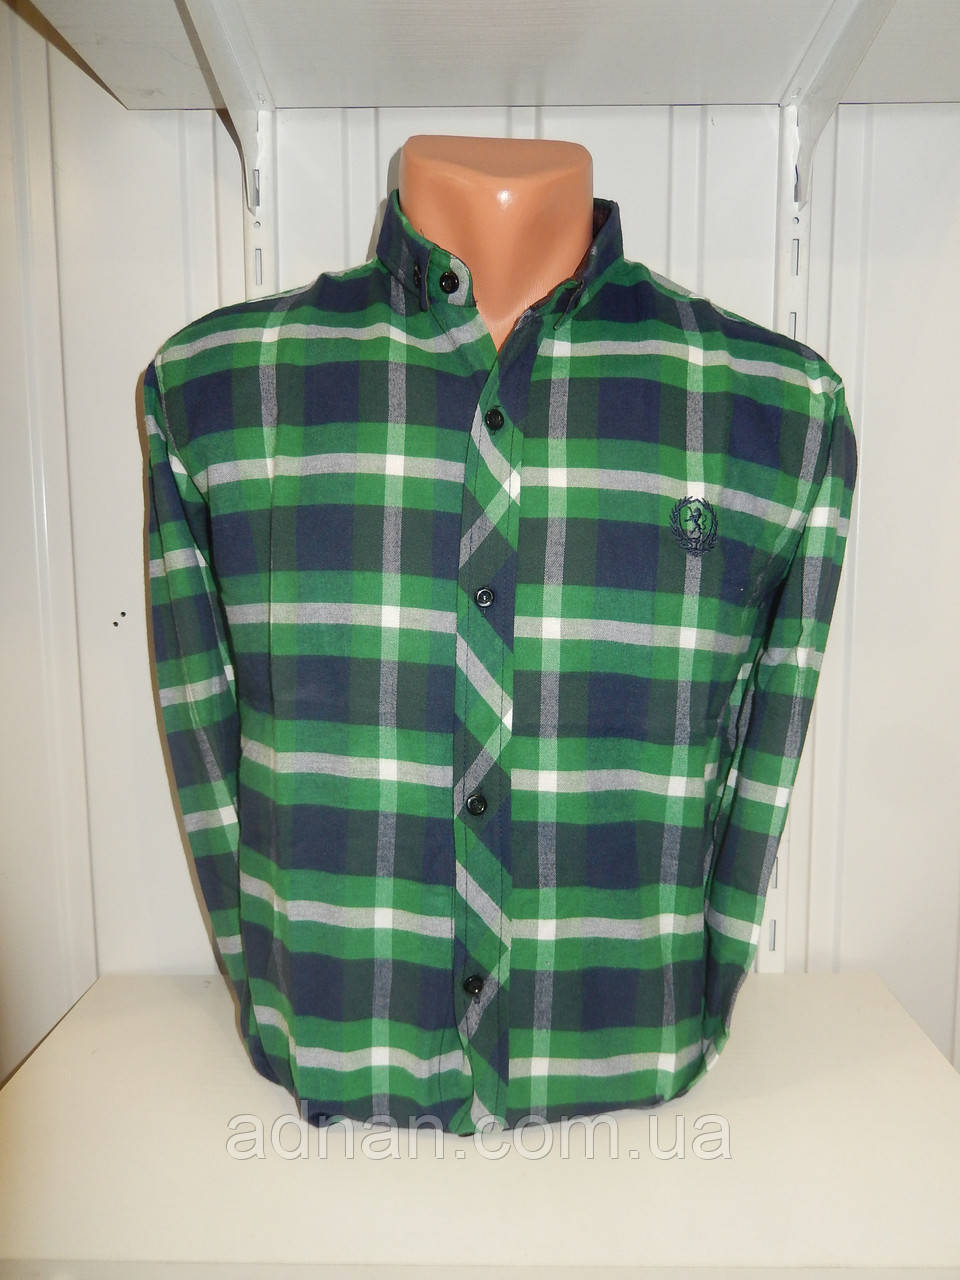 Рубашка мужская TIme SPORT  длинный рукав, клетка, полу-кашемир 003\ купить рубашку